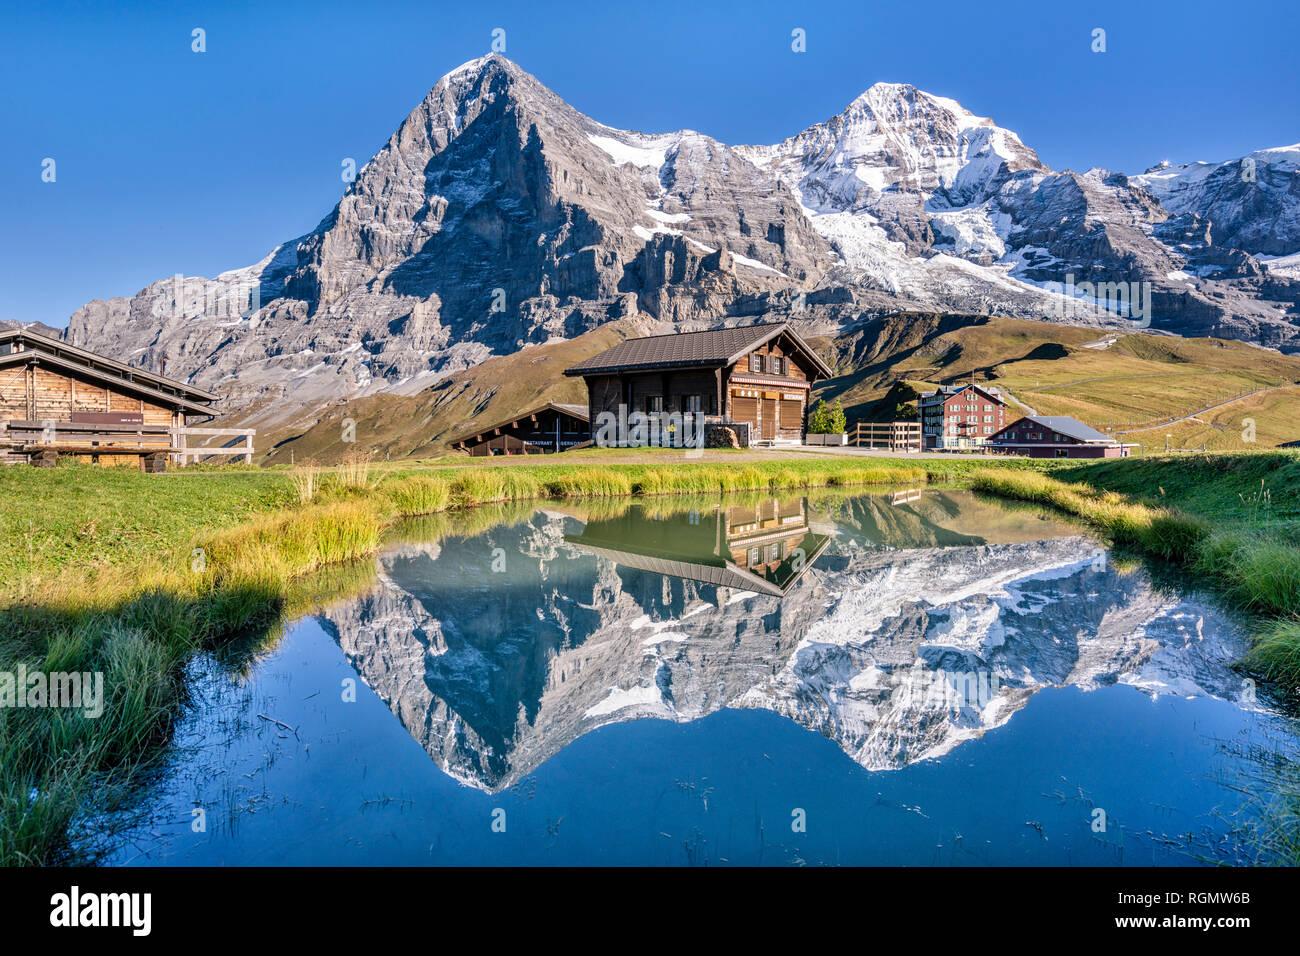 Switzerland, Bernese Oberland, Bernese Alps, Kleine Scheidegg, Eiger, Moench and Jungfrau - Stock Image